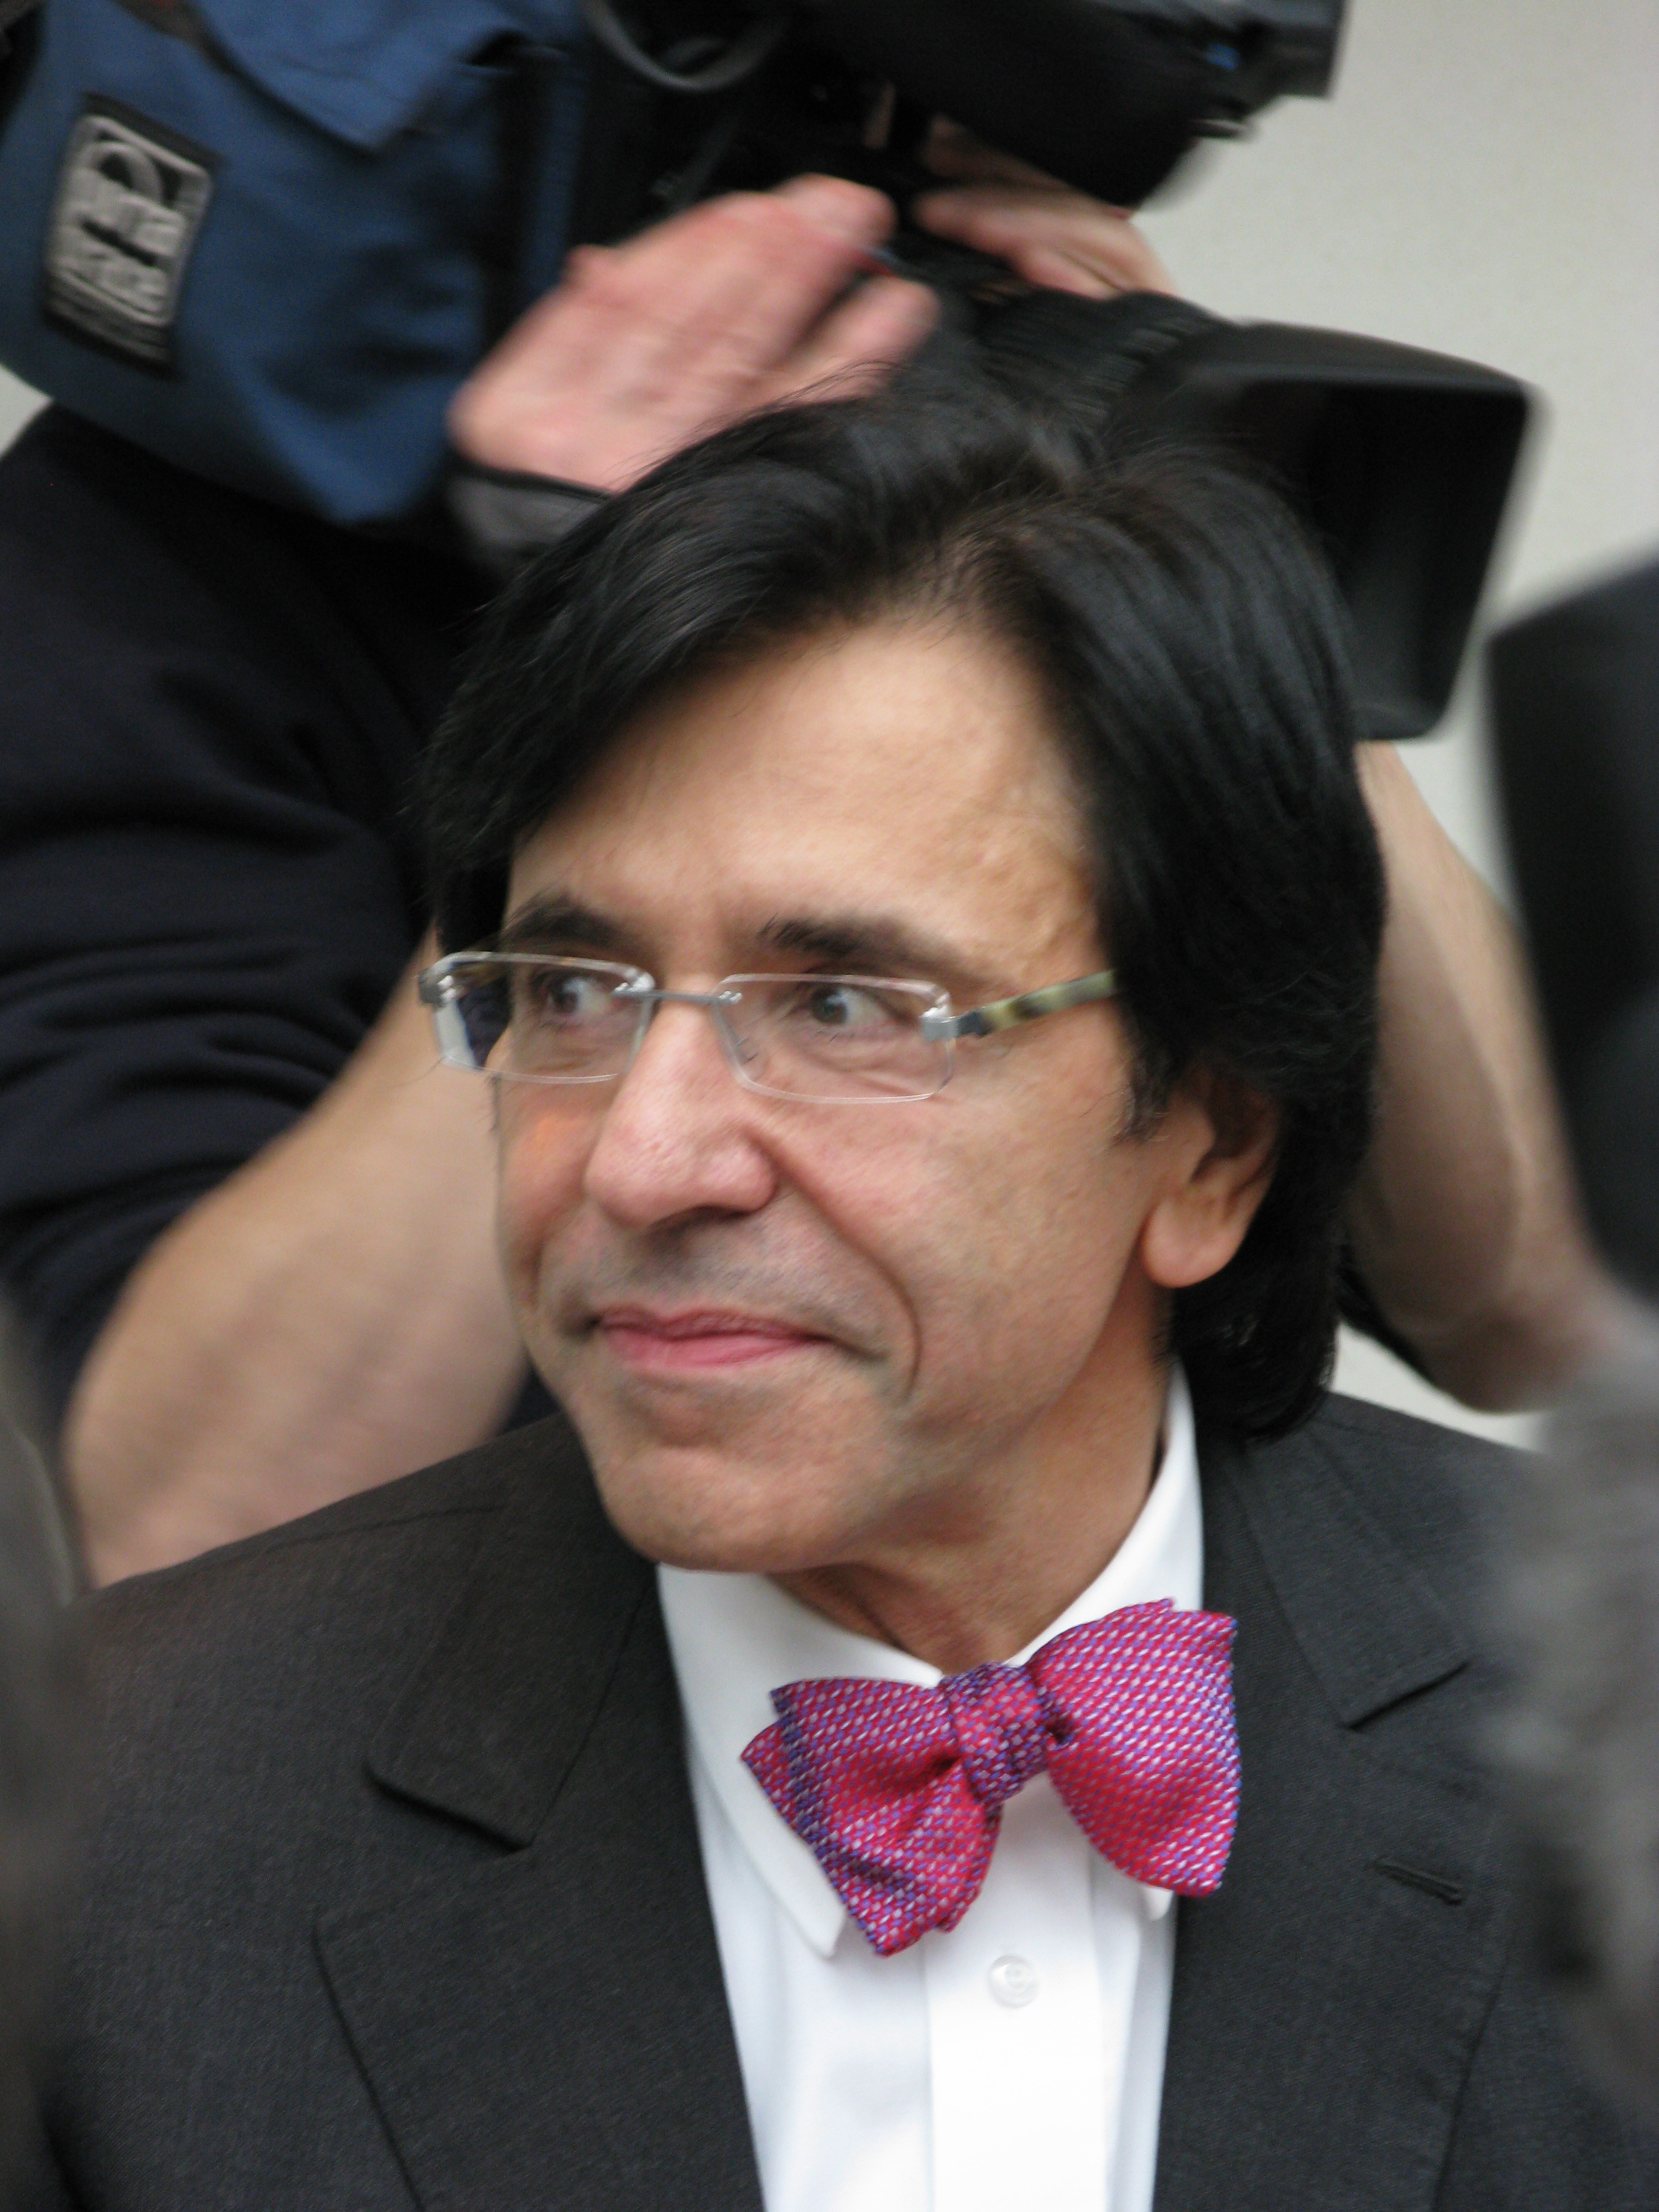 Elio di Rupo in 2008